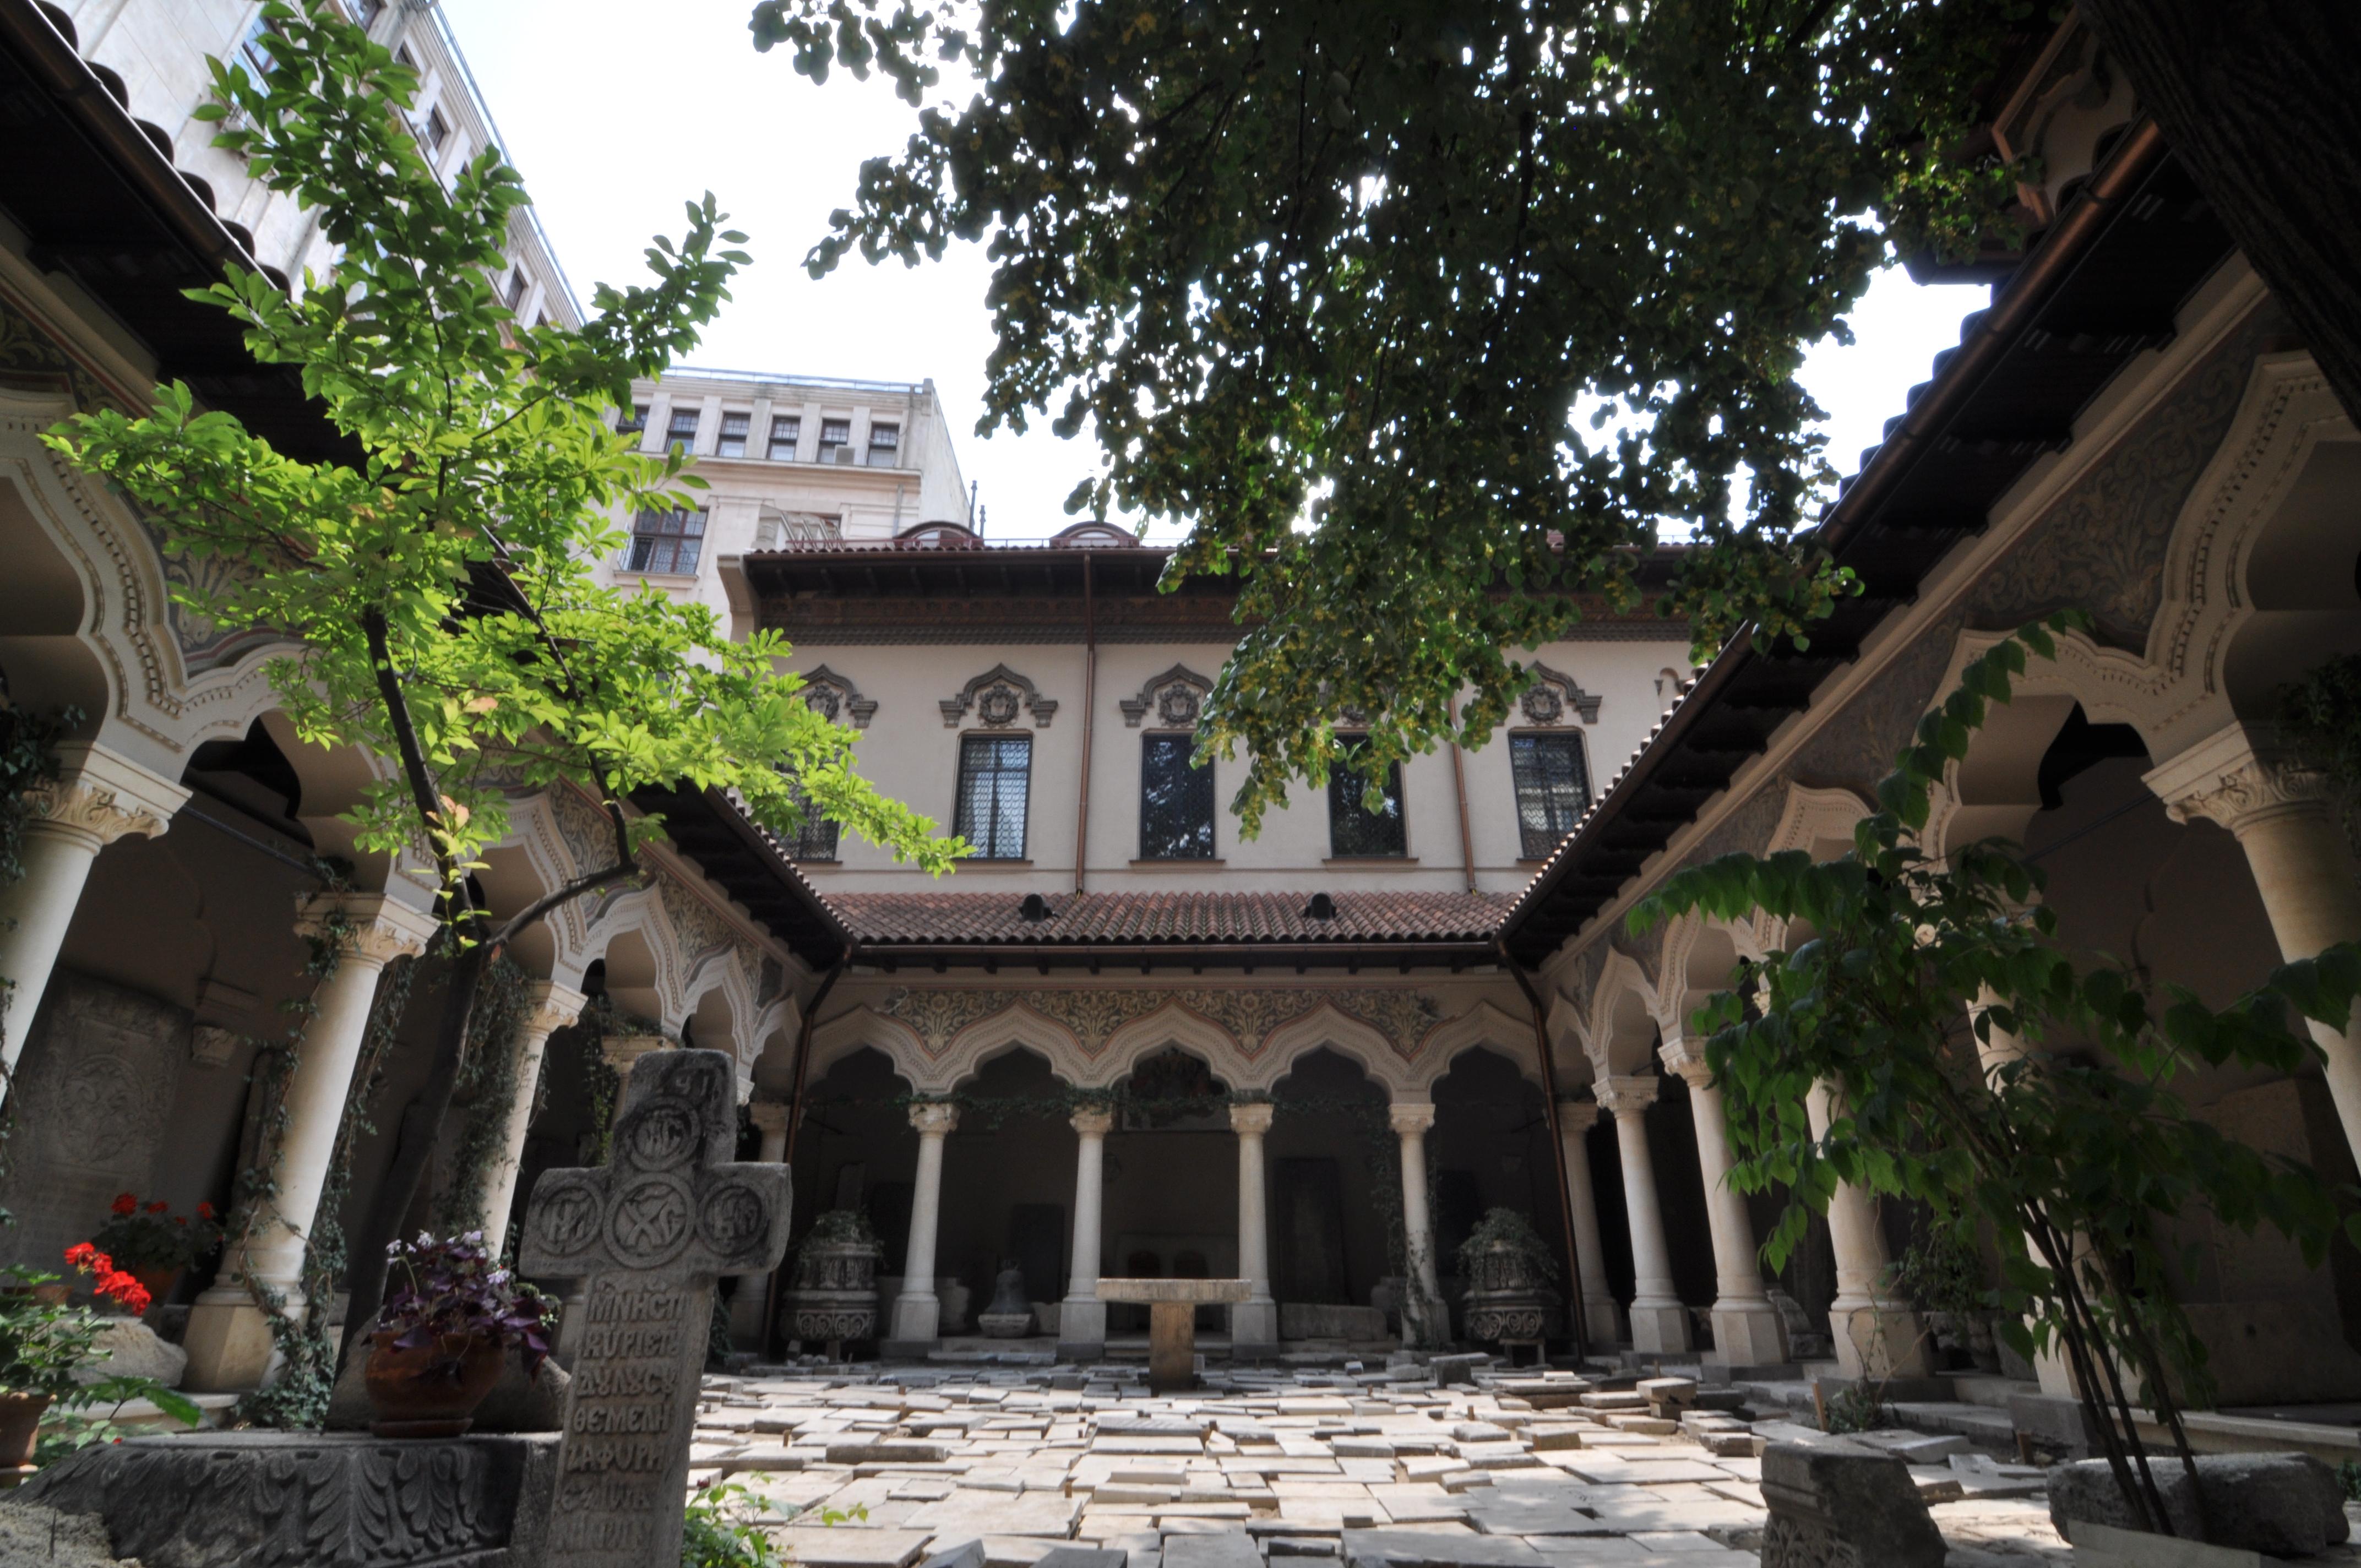 Immagini Belle : architettura, fotografia, villa, dimora ...